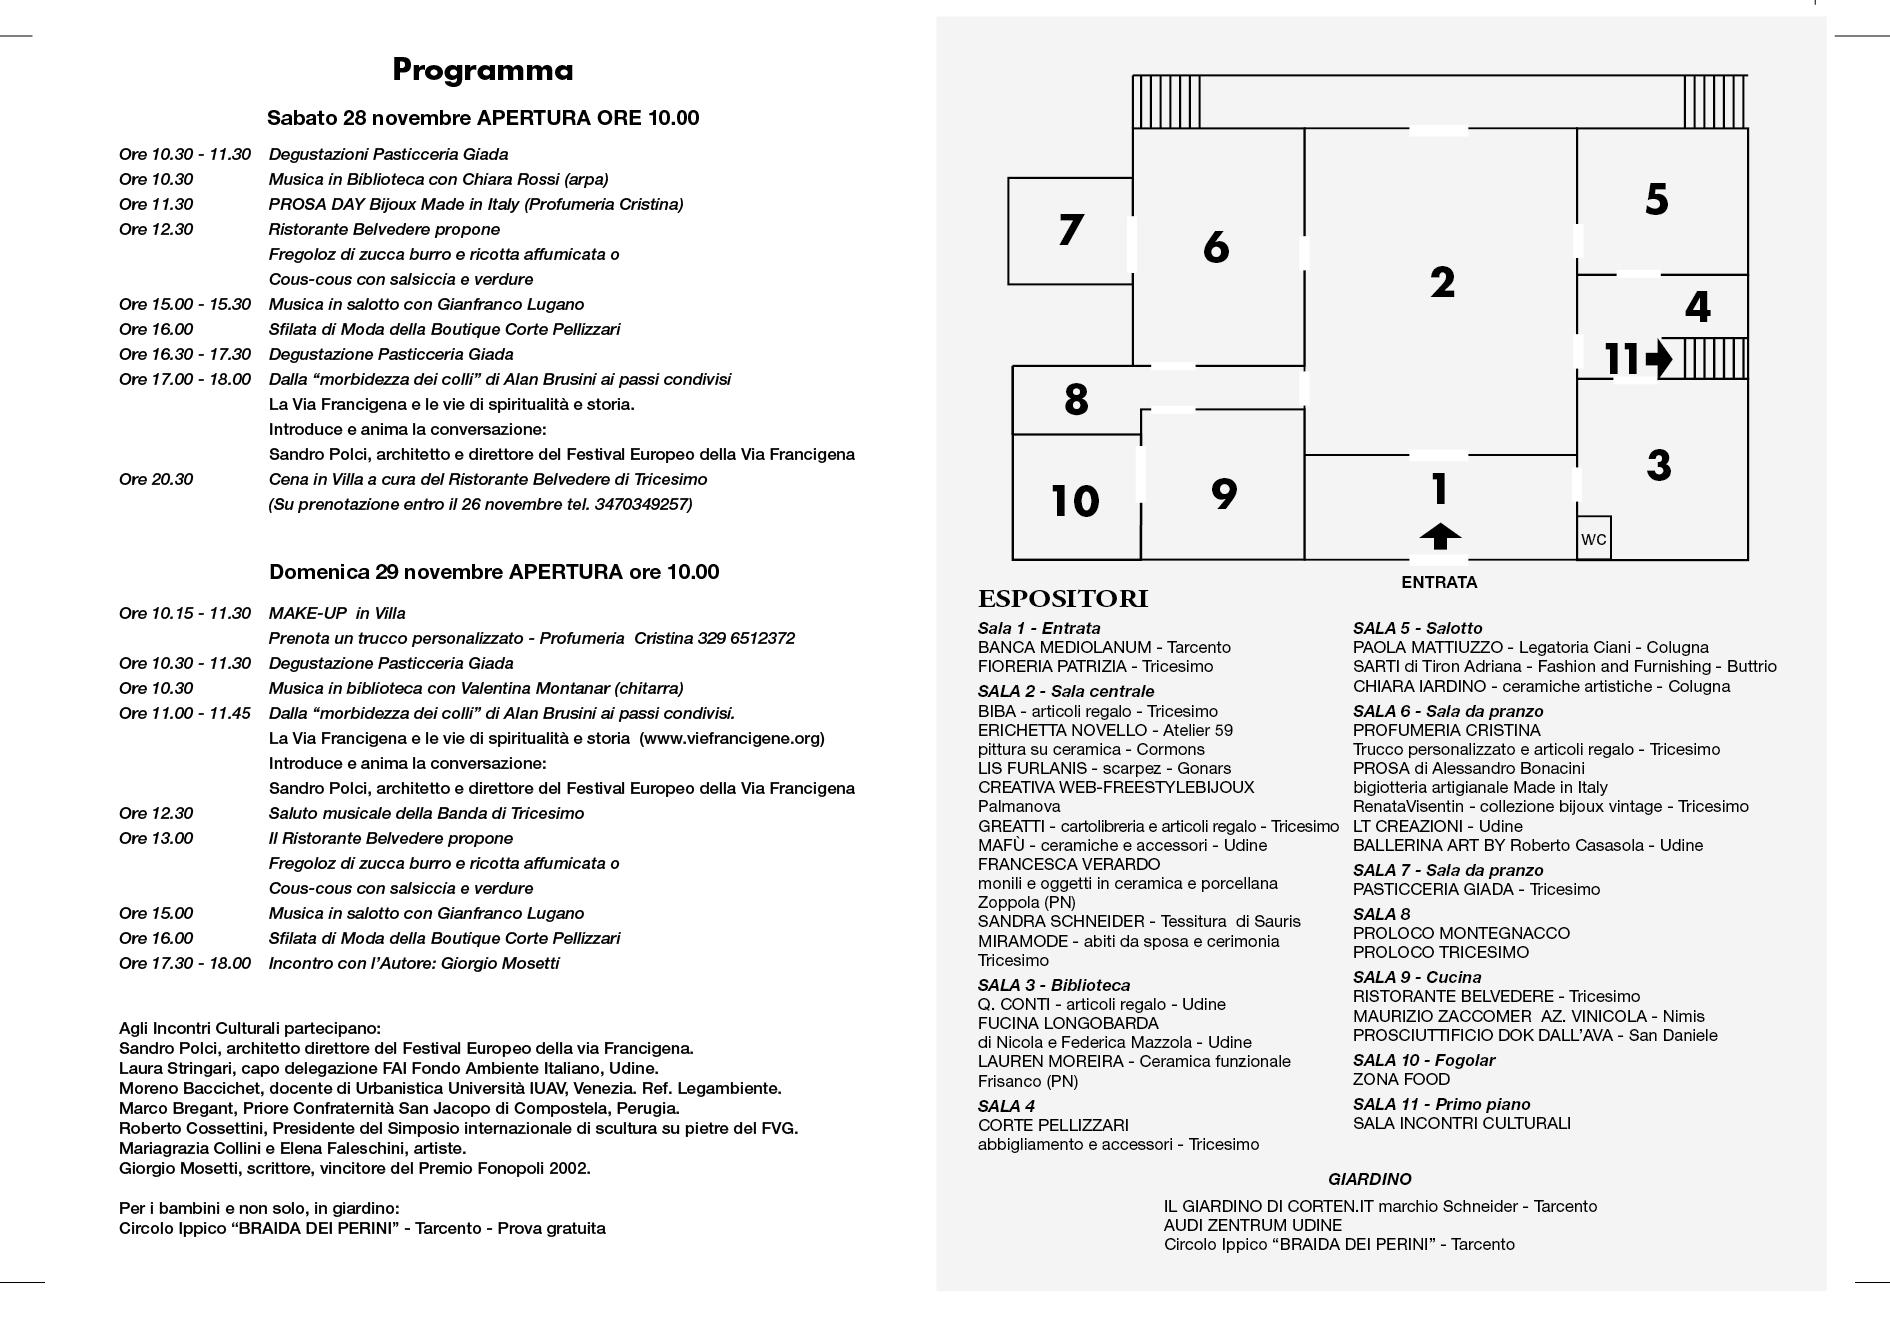 pieghevole stampa3-02